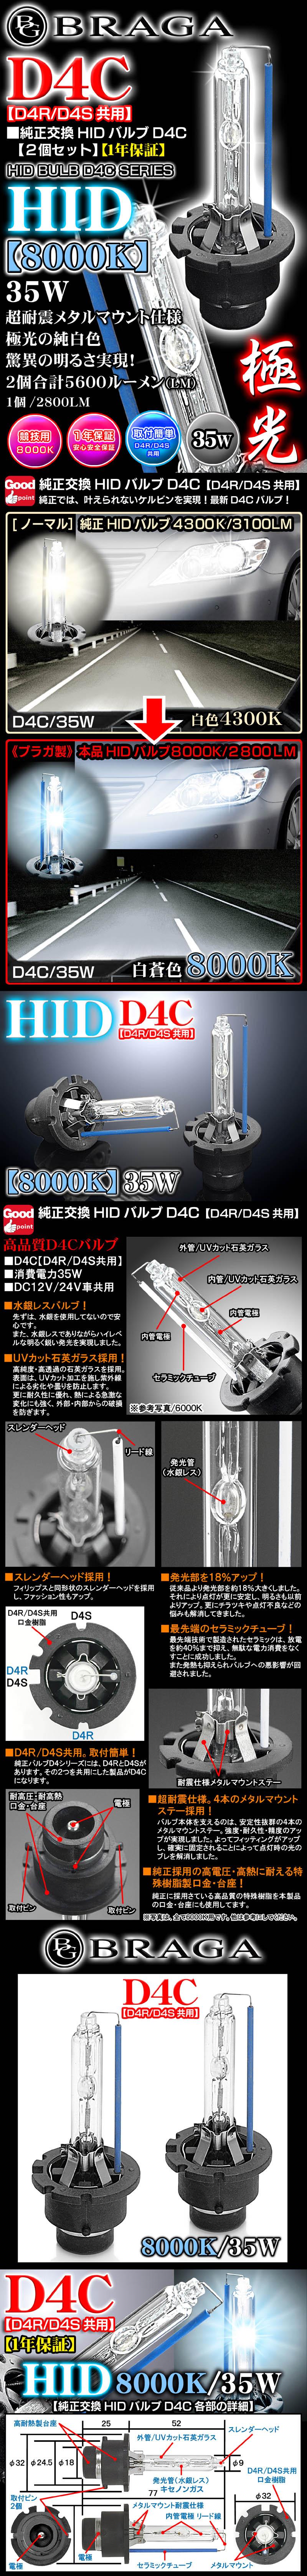 ブラガ製《8000K》D4C[D4R・D4S共用]タイプ1【2個セット】純正交換HIDバルブ/バーナー12V/24V共用